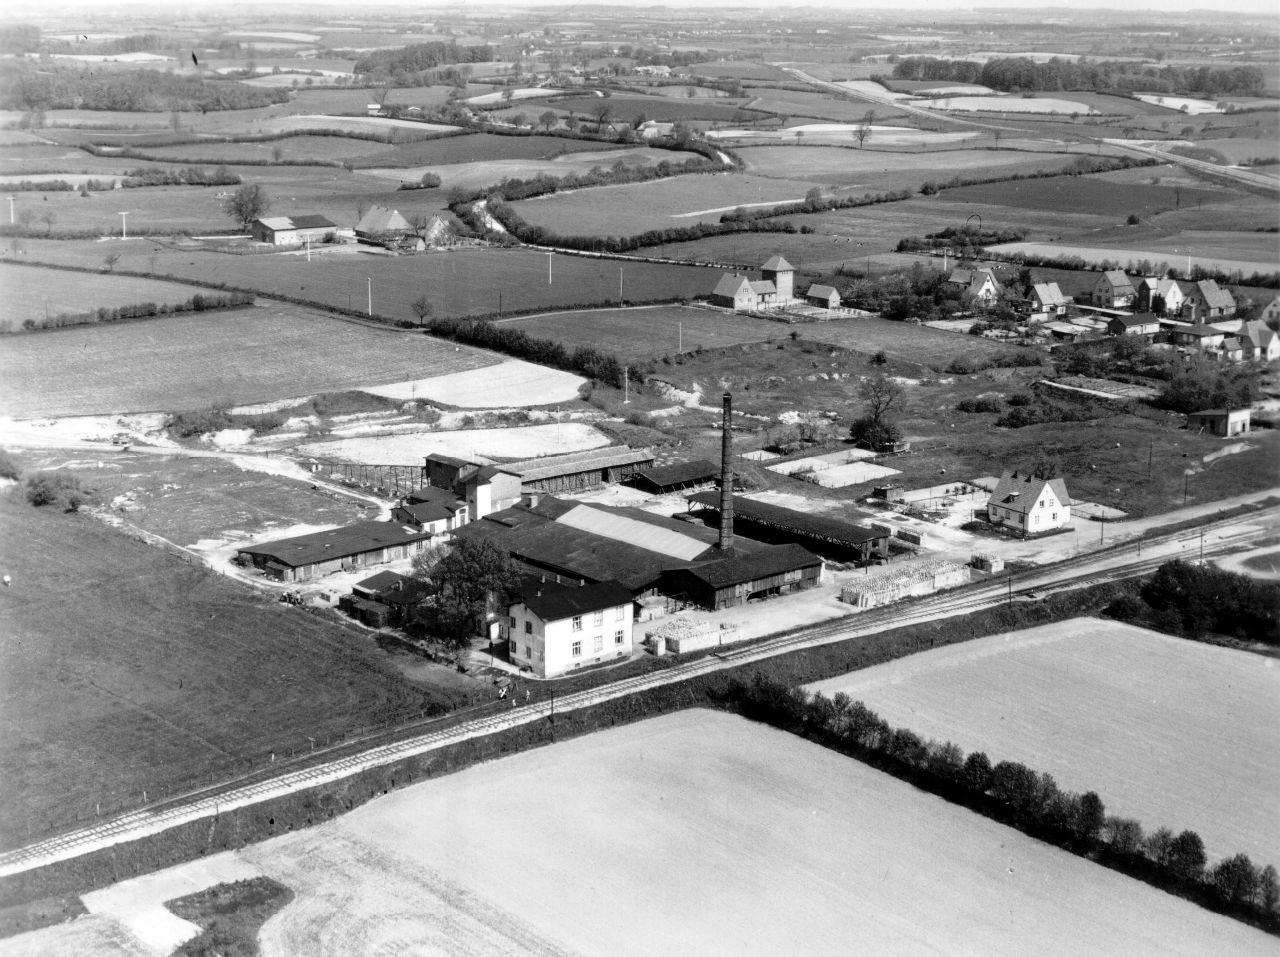 Ziegelei Luftbild 1954